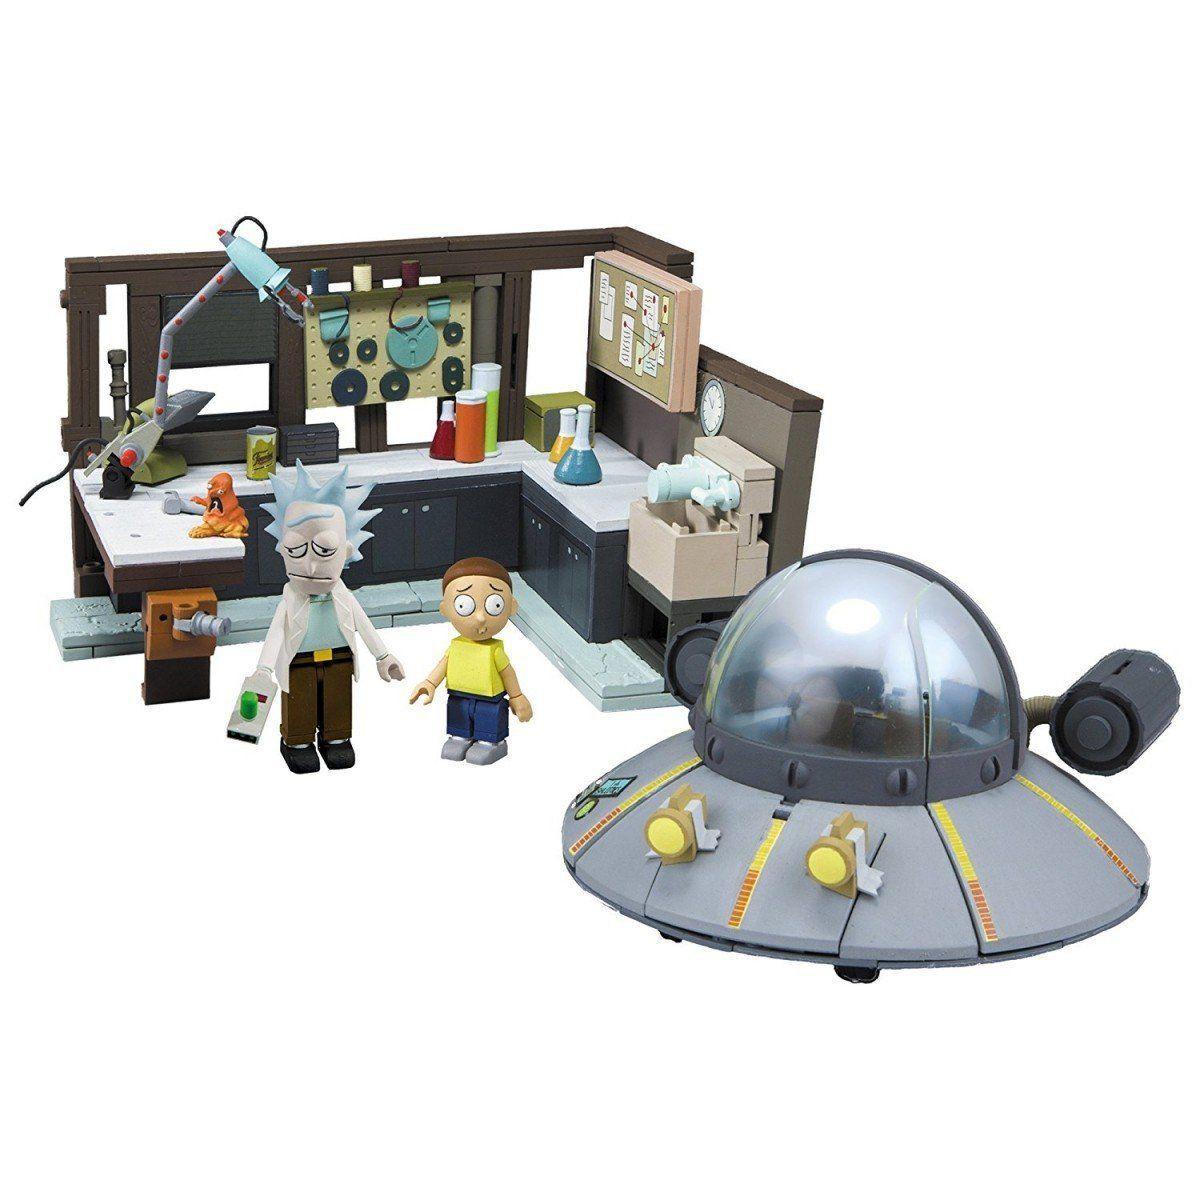 PRÉ VENDA: Set de Construção Rick and Morty: Nave espacial e Garagem com 293 Peças - Mcfarlane Toys